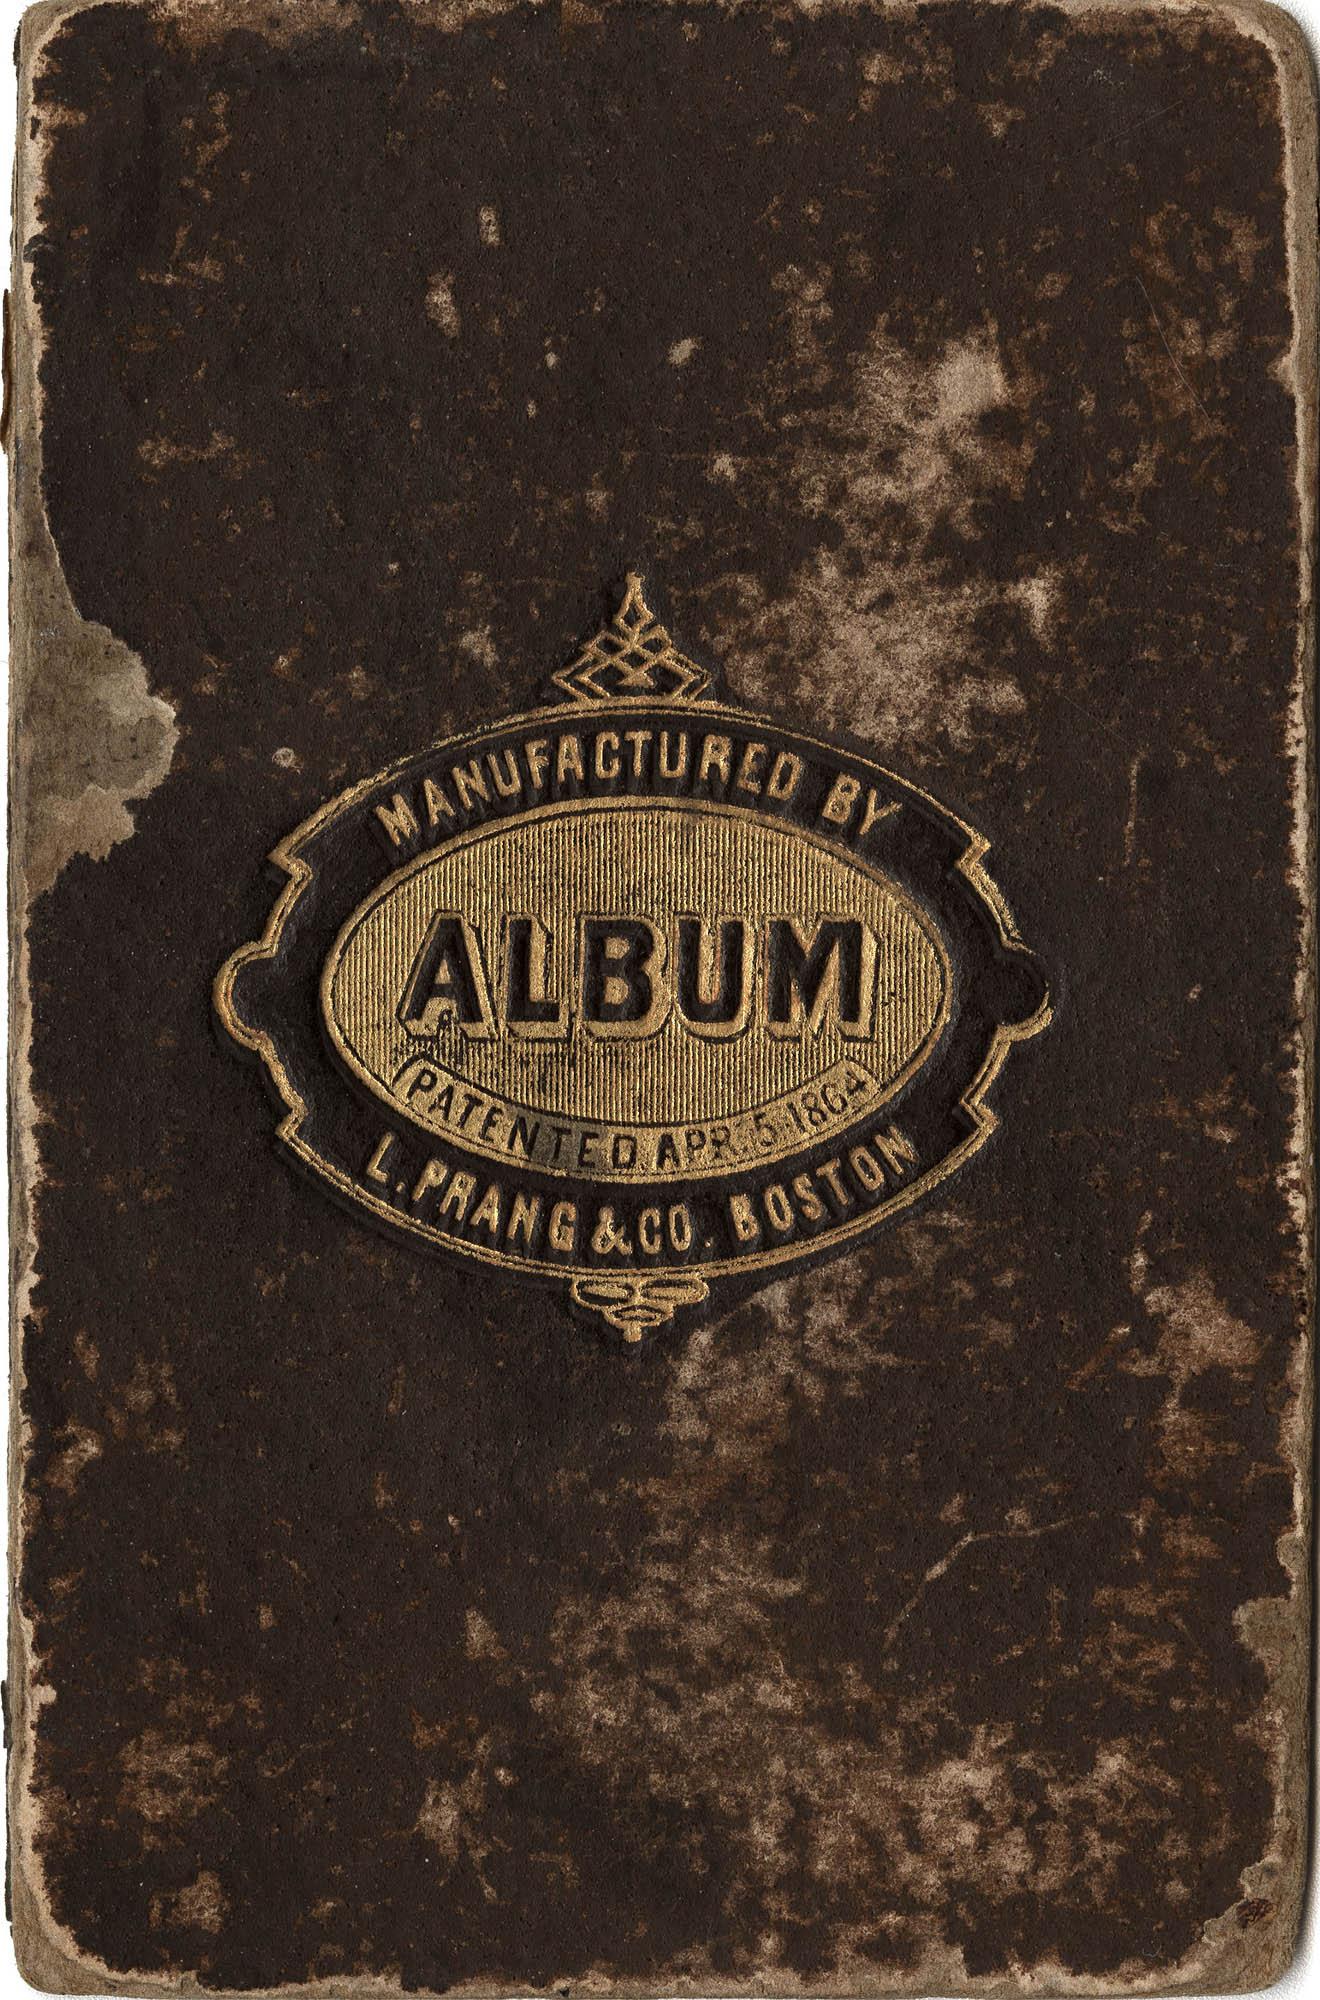 156. Album, 1864